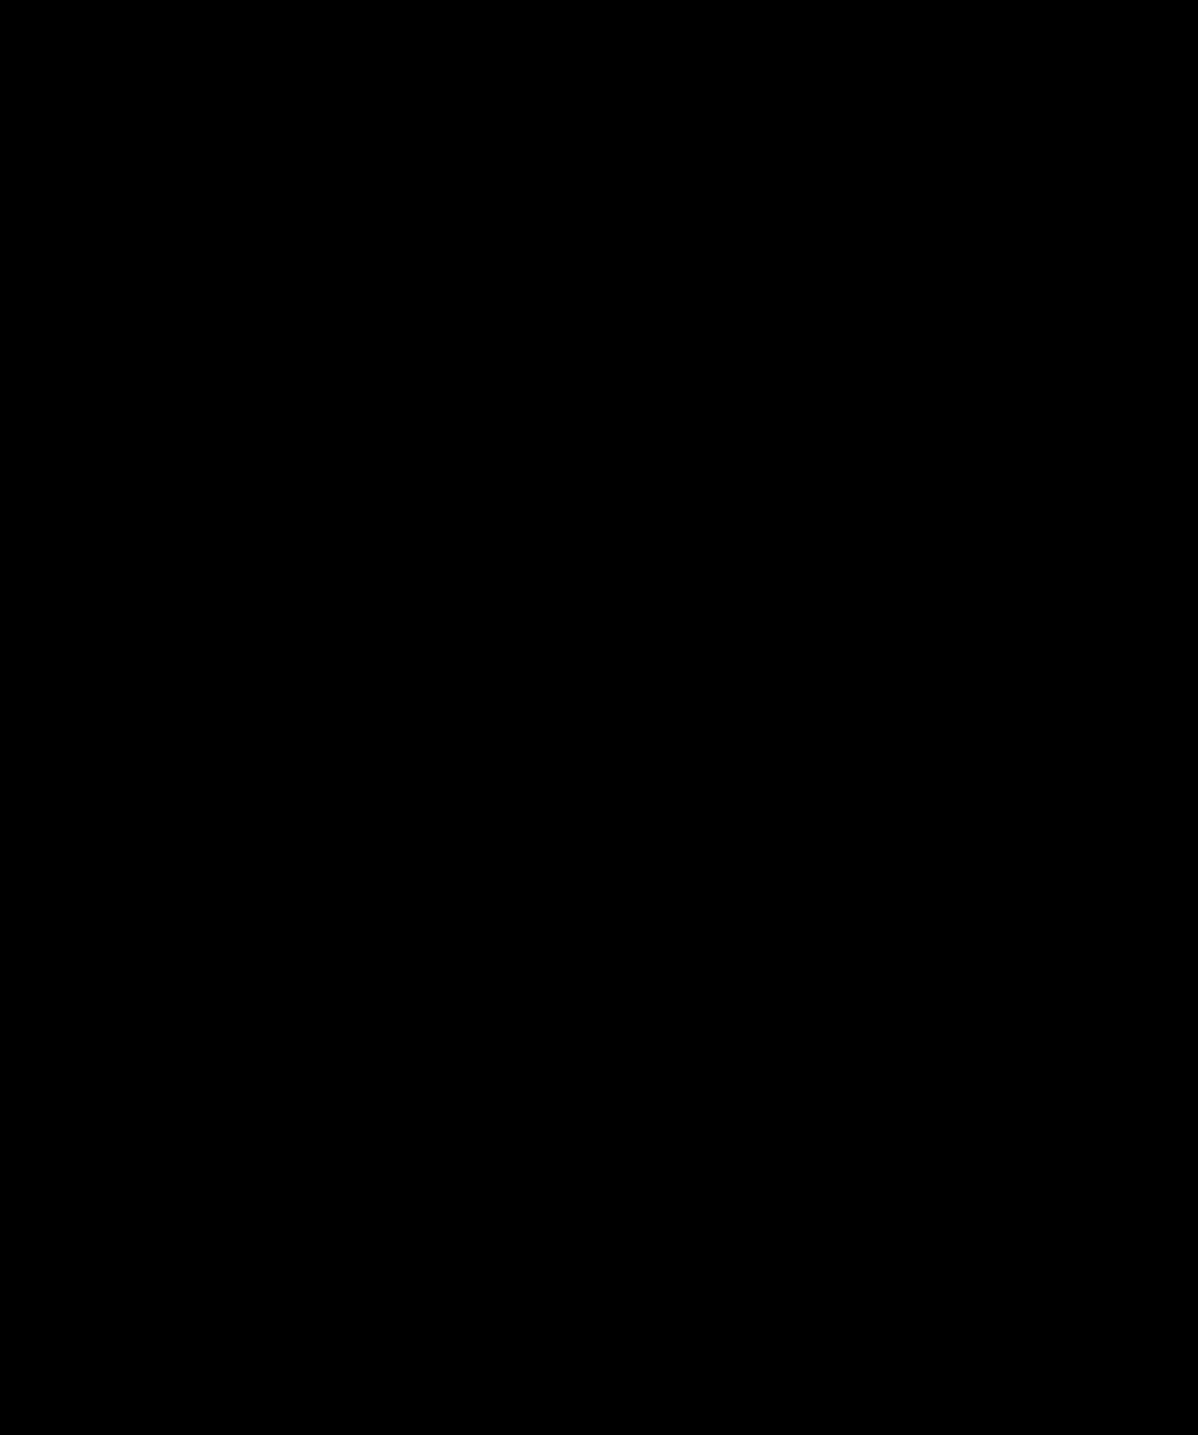 TRICIOLI SNACKS – OLIVES FLAV. 210 GR (35 GR X 6 PCS)